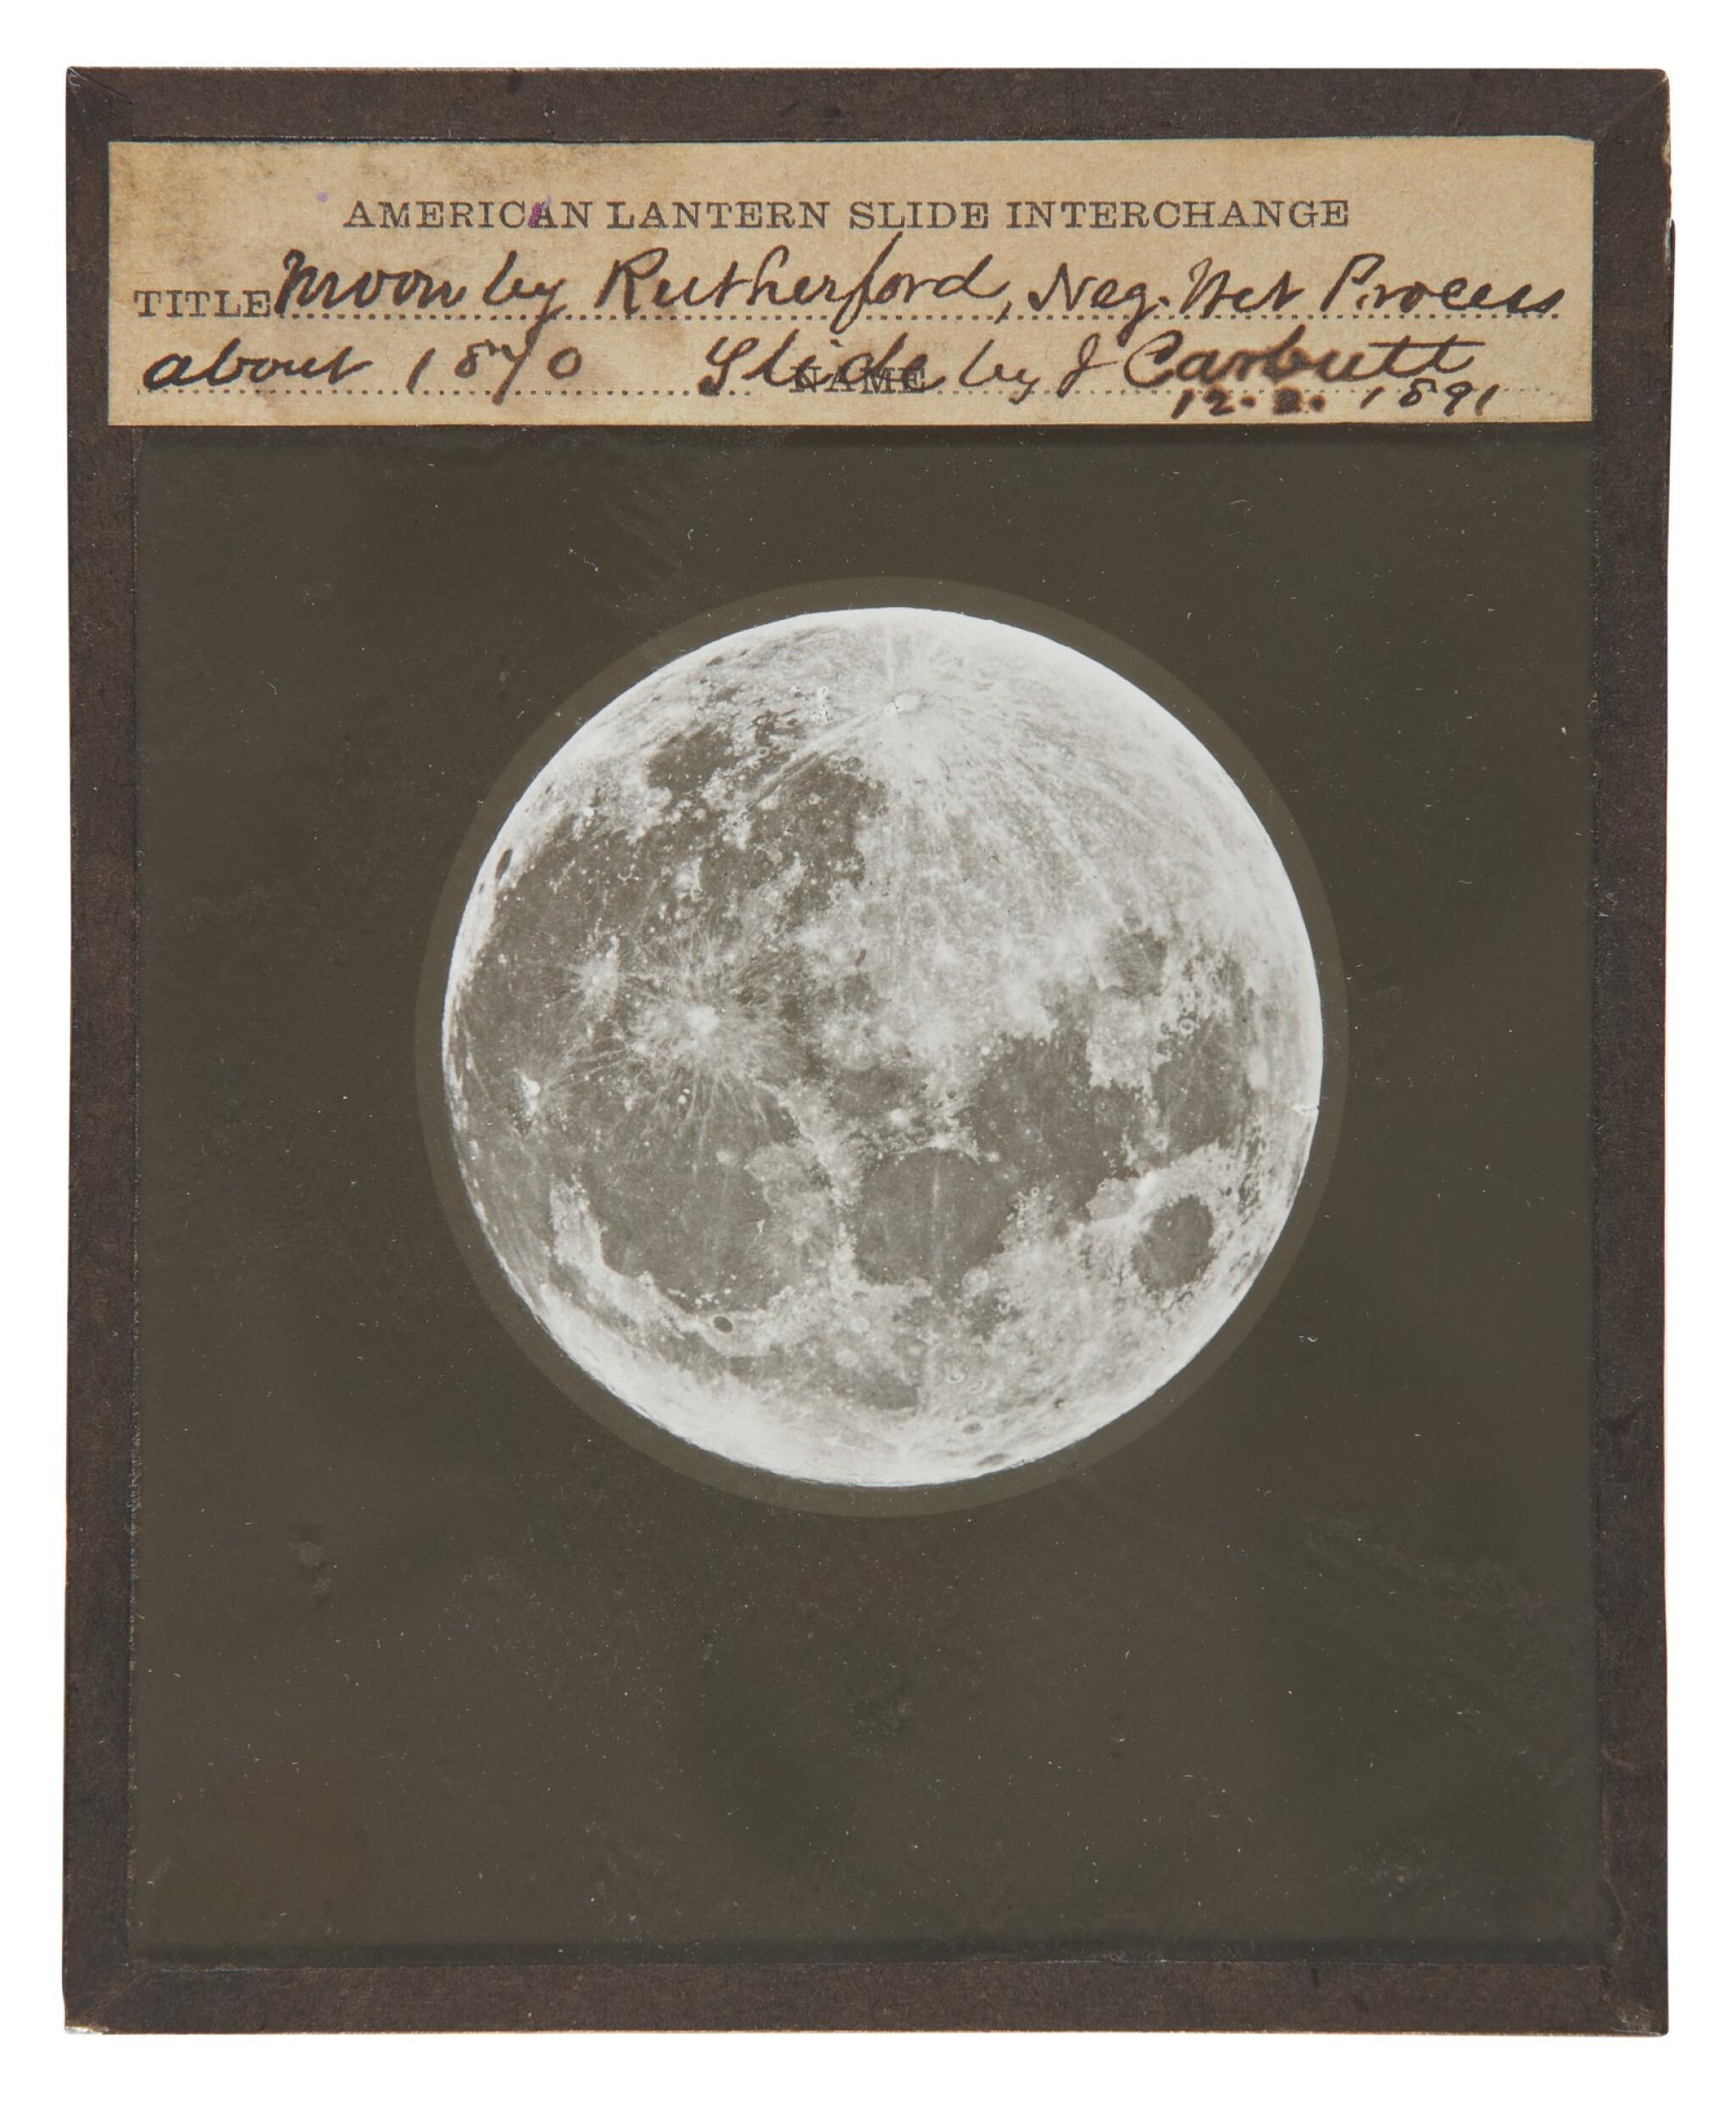 """Lewis Morris Rutherfurd. """"Moon by Rutherfurd,"""" Glass Lantern Slide, 21 December, 1891"""